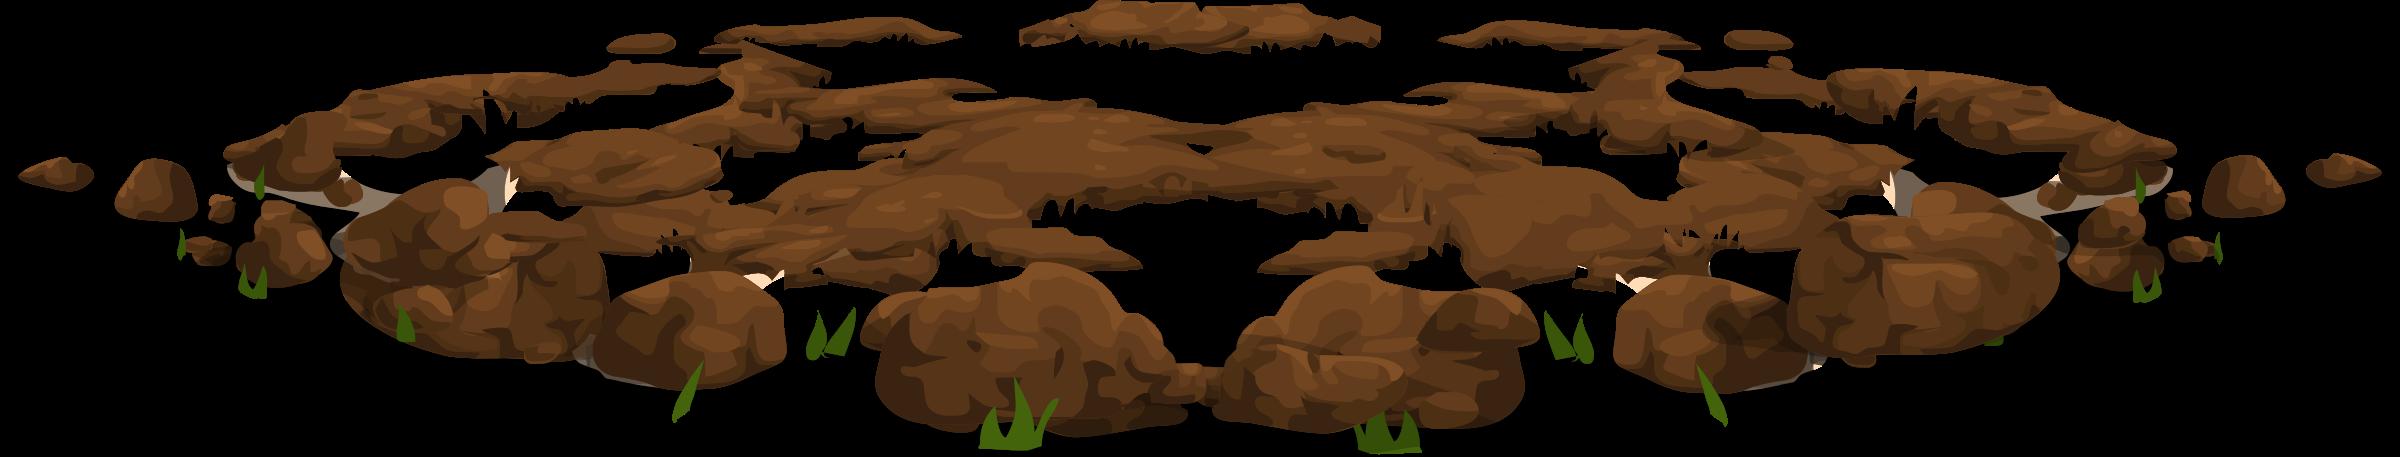 Soil Clipart Png.